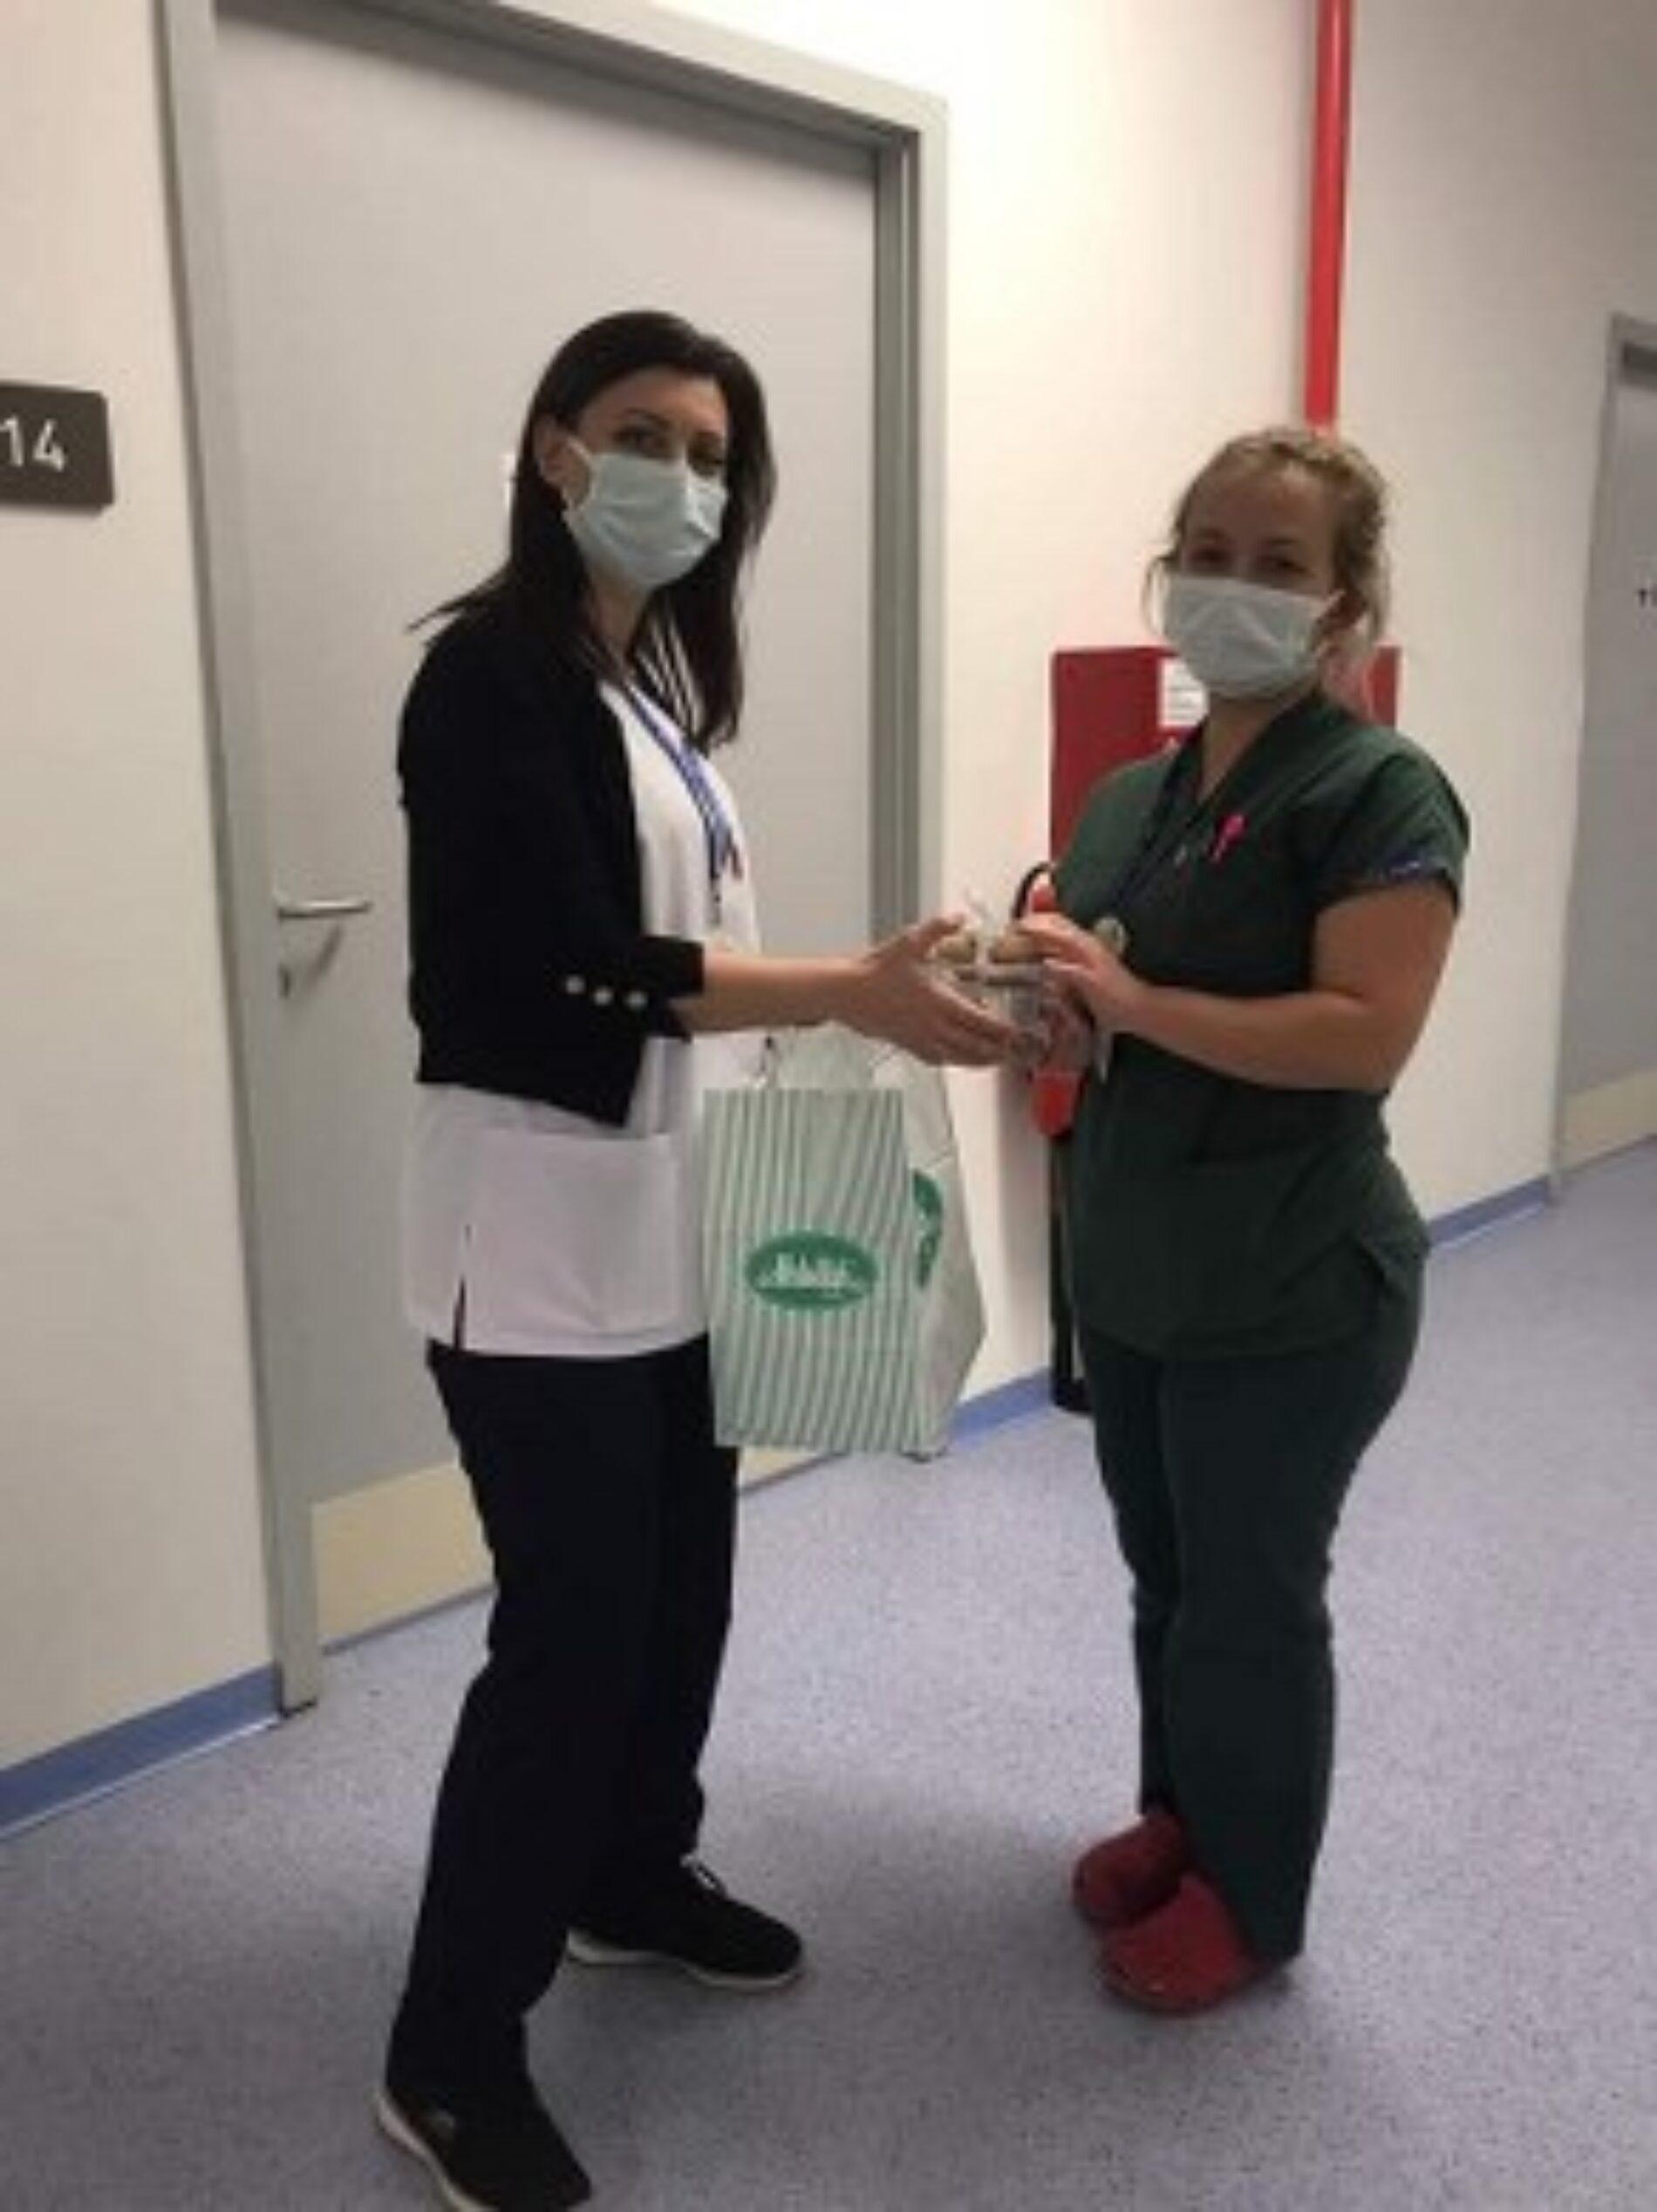 TYSD Bakırköy Şubemizin Sağlık Çalışanlarına Destekleri